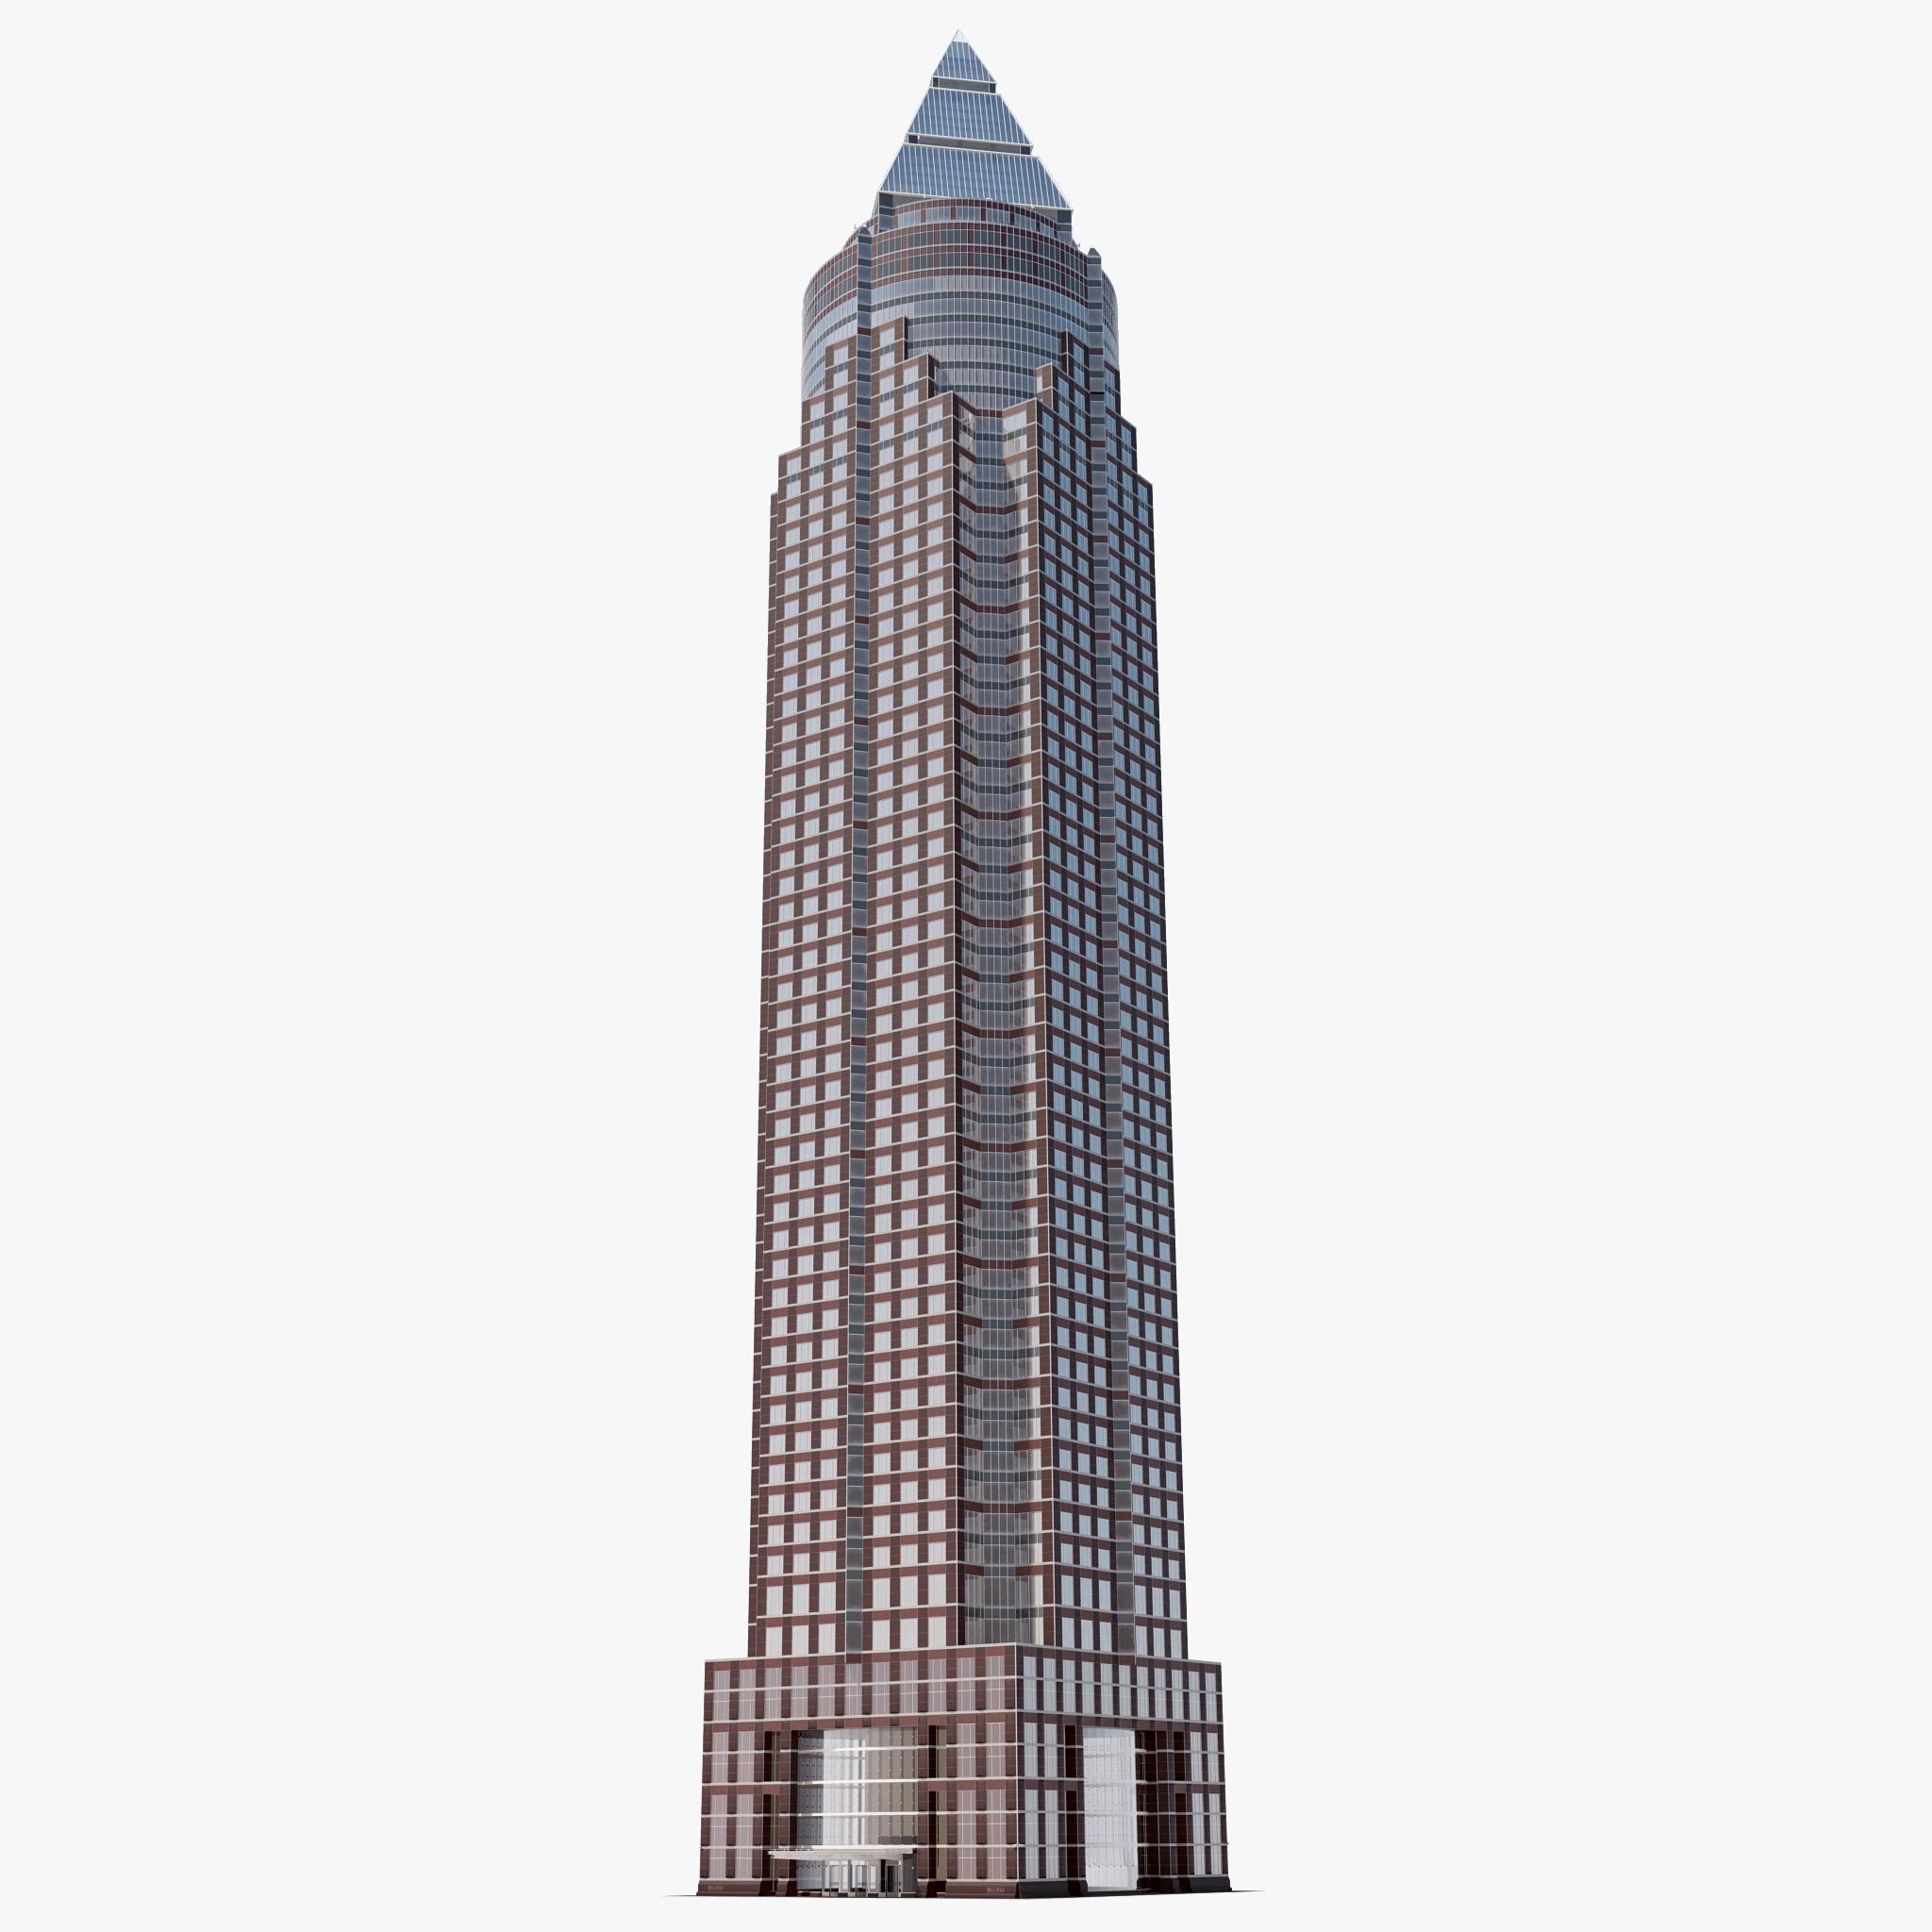 3d Model Skyscrapers 3d Messeturm Skyscraper